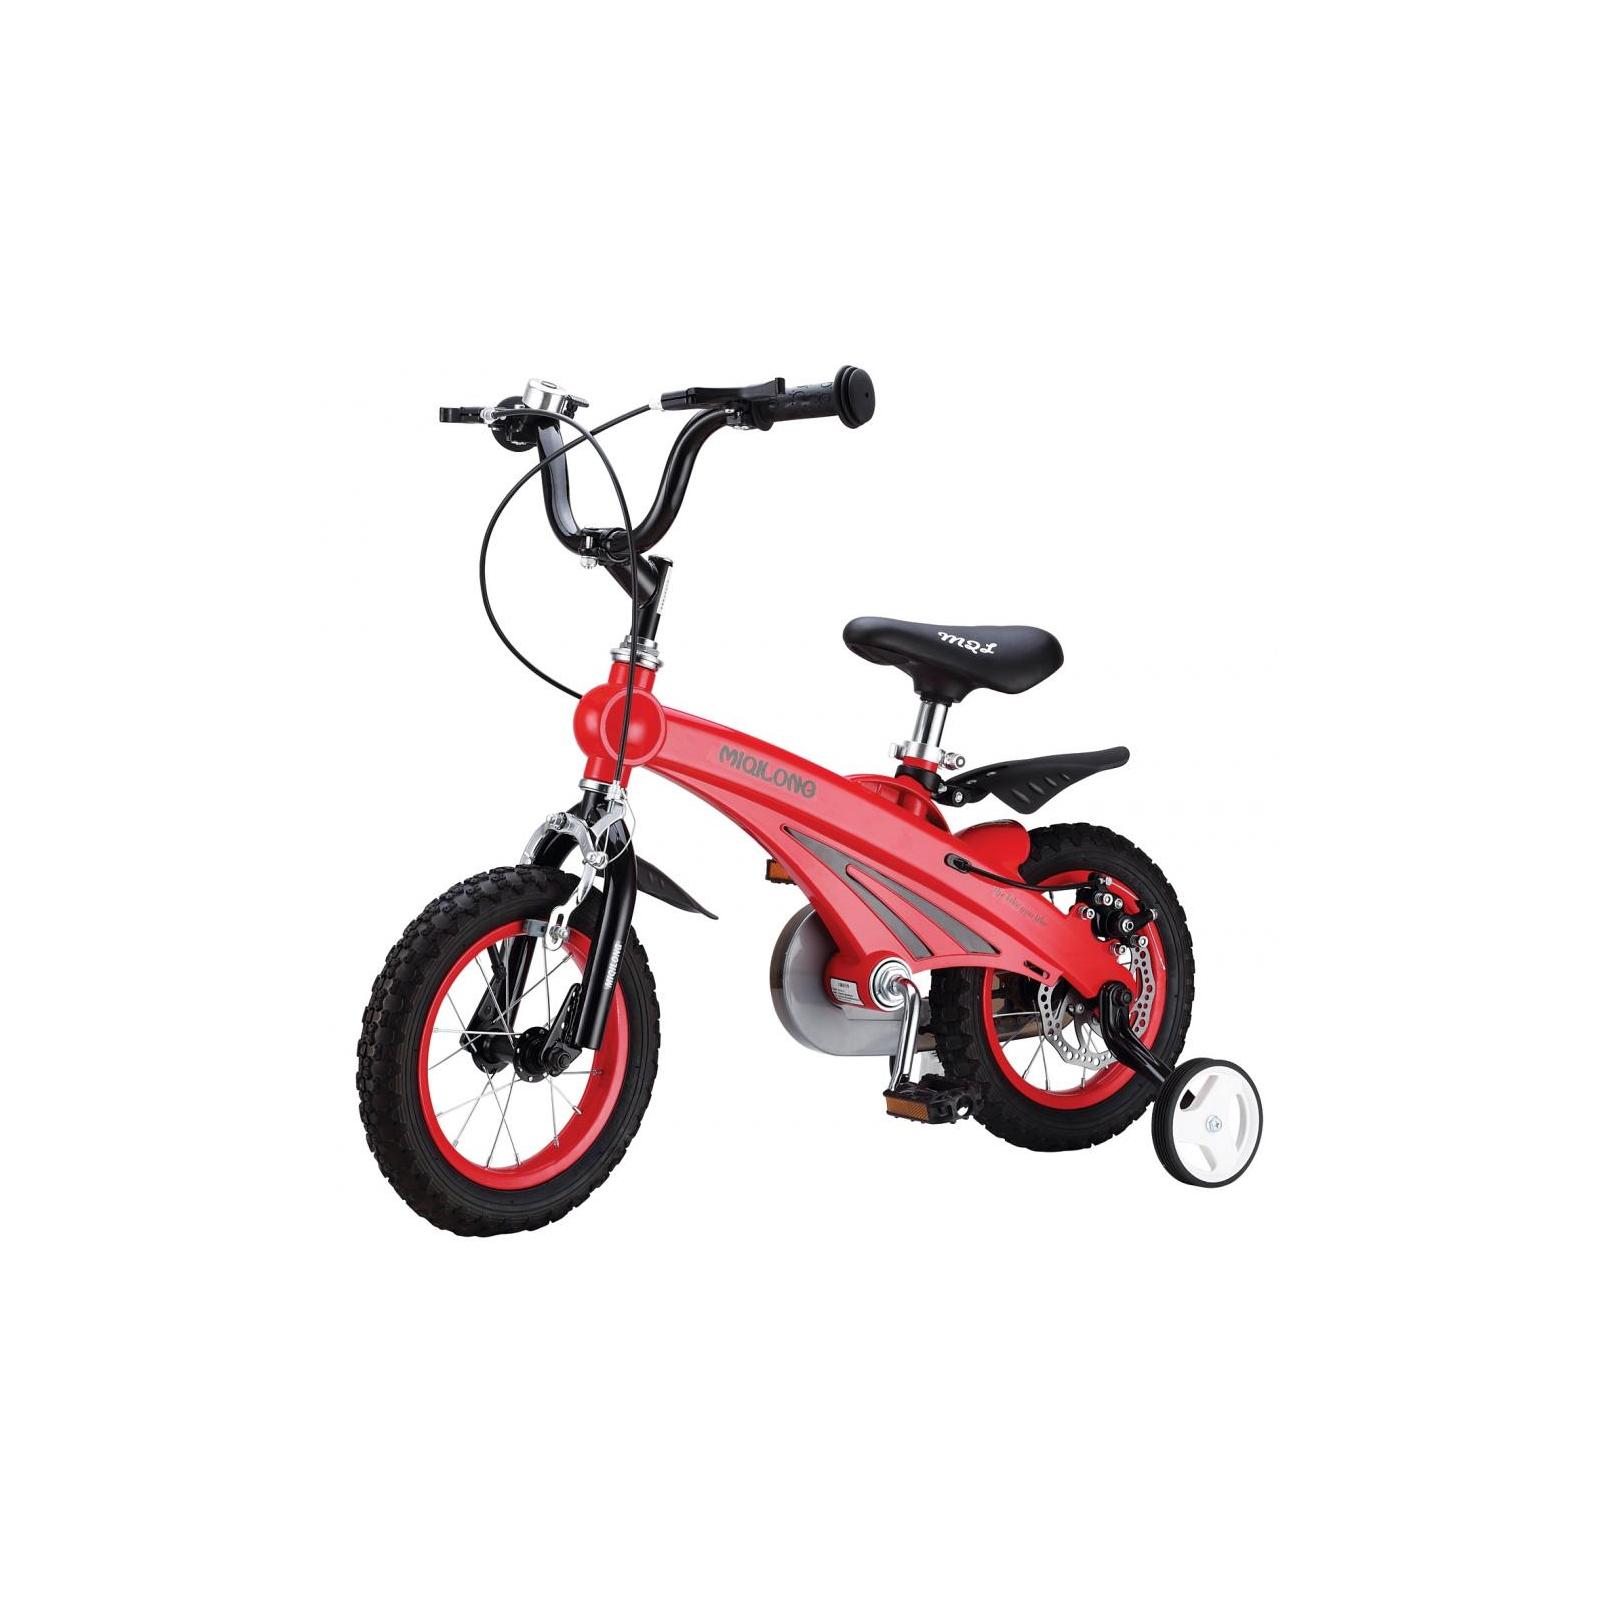 Детский велосипед Miqilong SD Красный 12` (MQL-SD12-Red)